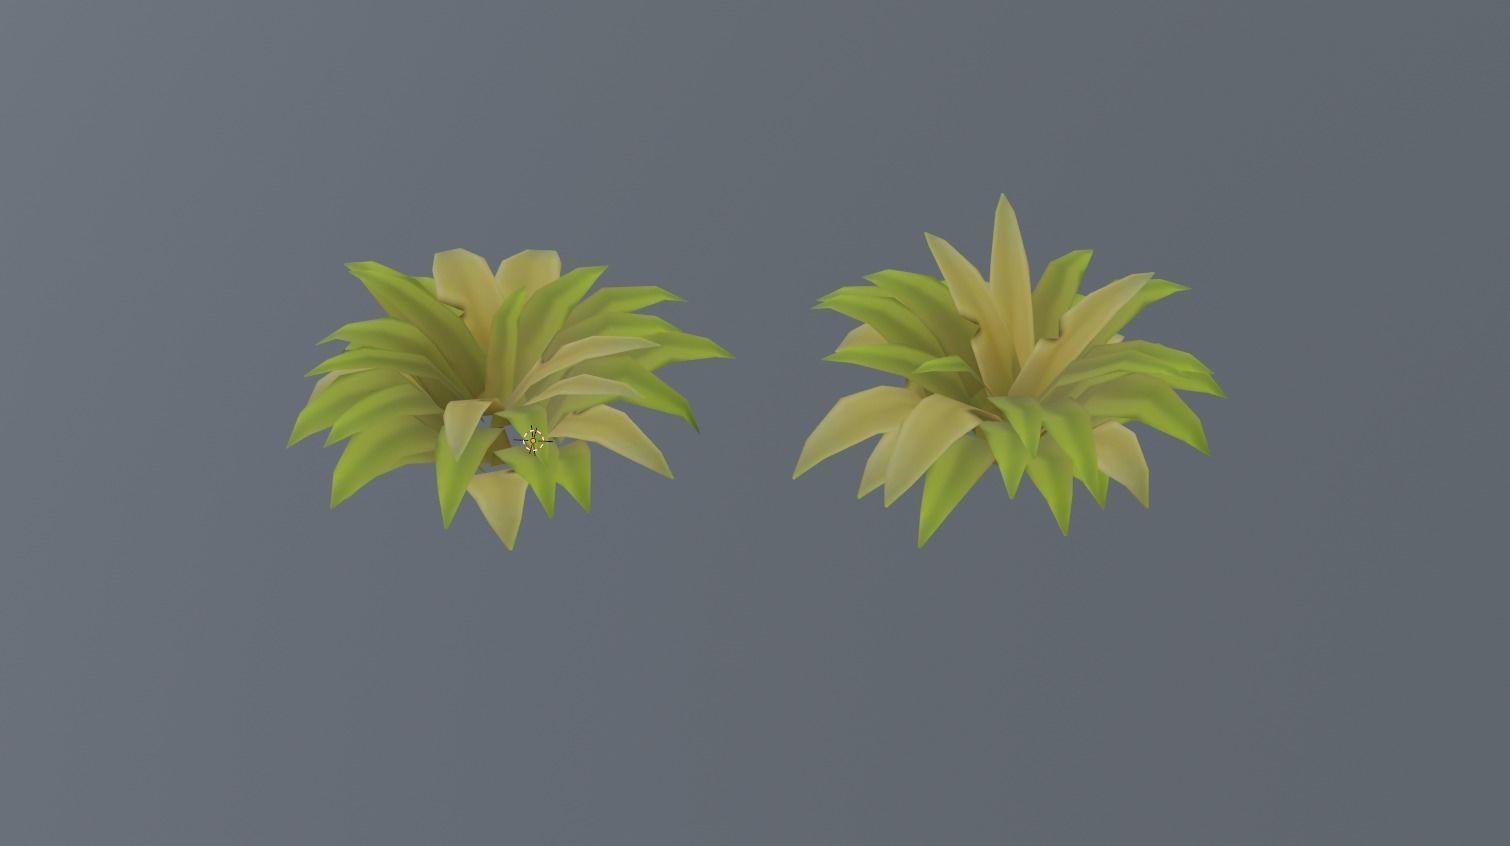 Foliage Low poly